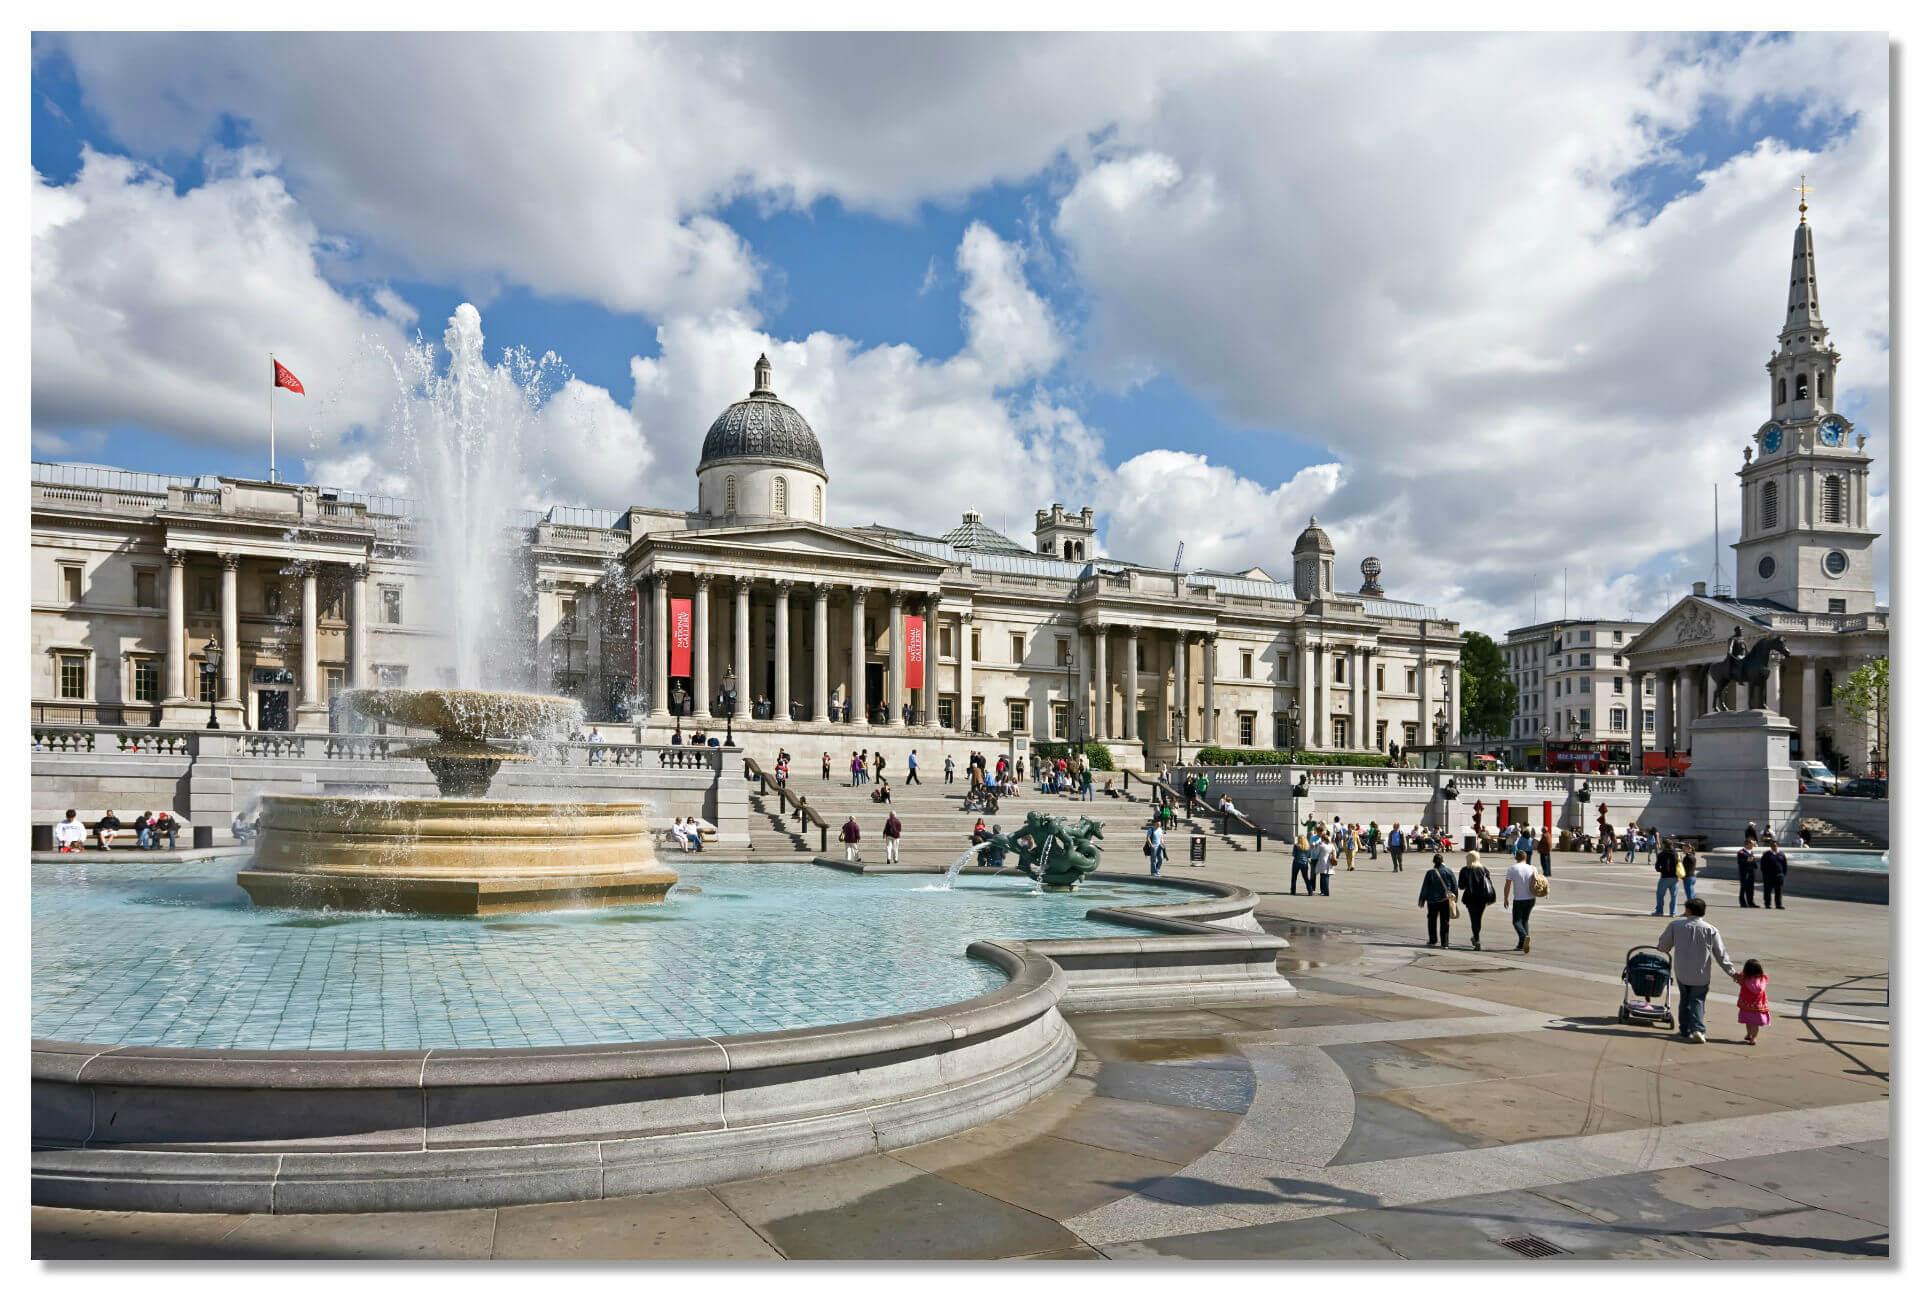 Трафальгарская площадь - самая большая площадь в Лондоне